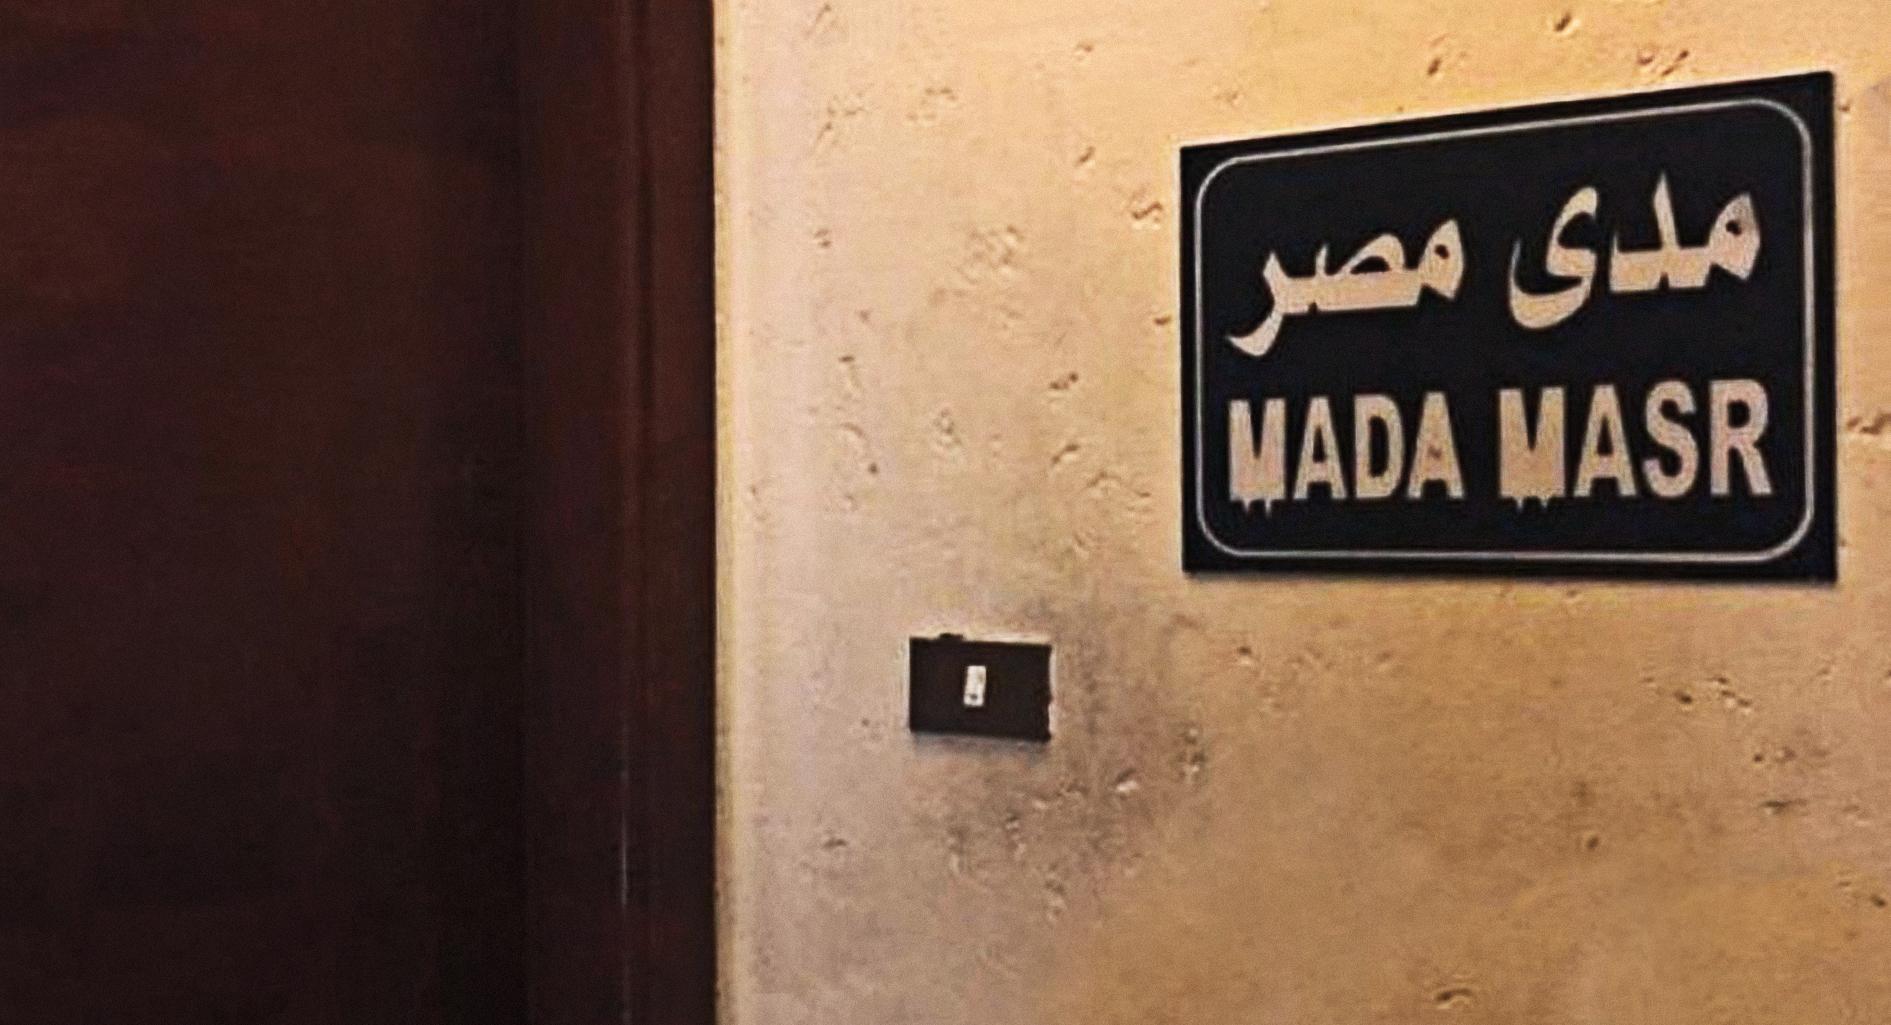 صورة السلطات المصرية تُحقِّق في شُبهة وجود موقع إخباري مستقل في البلاد